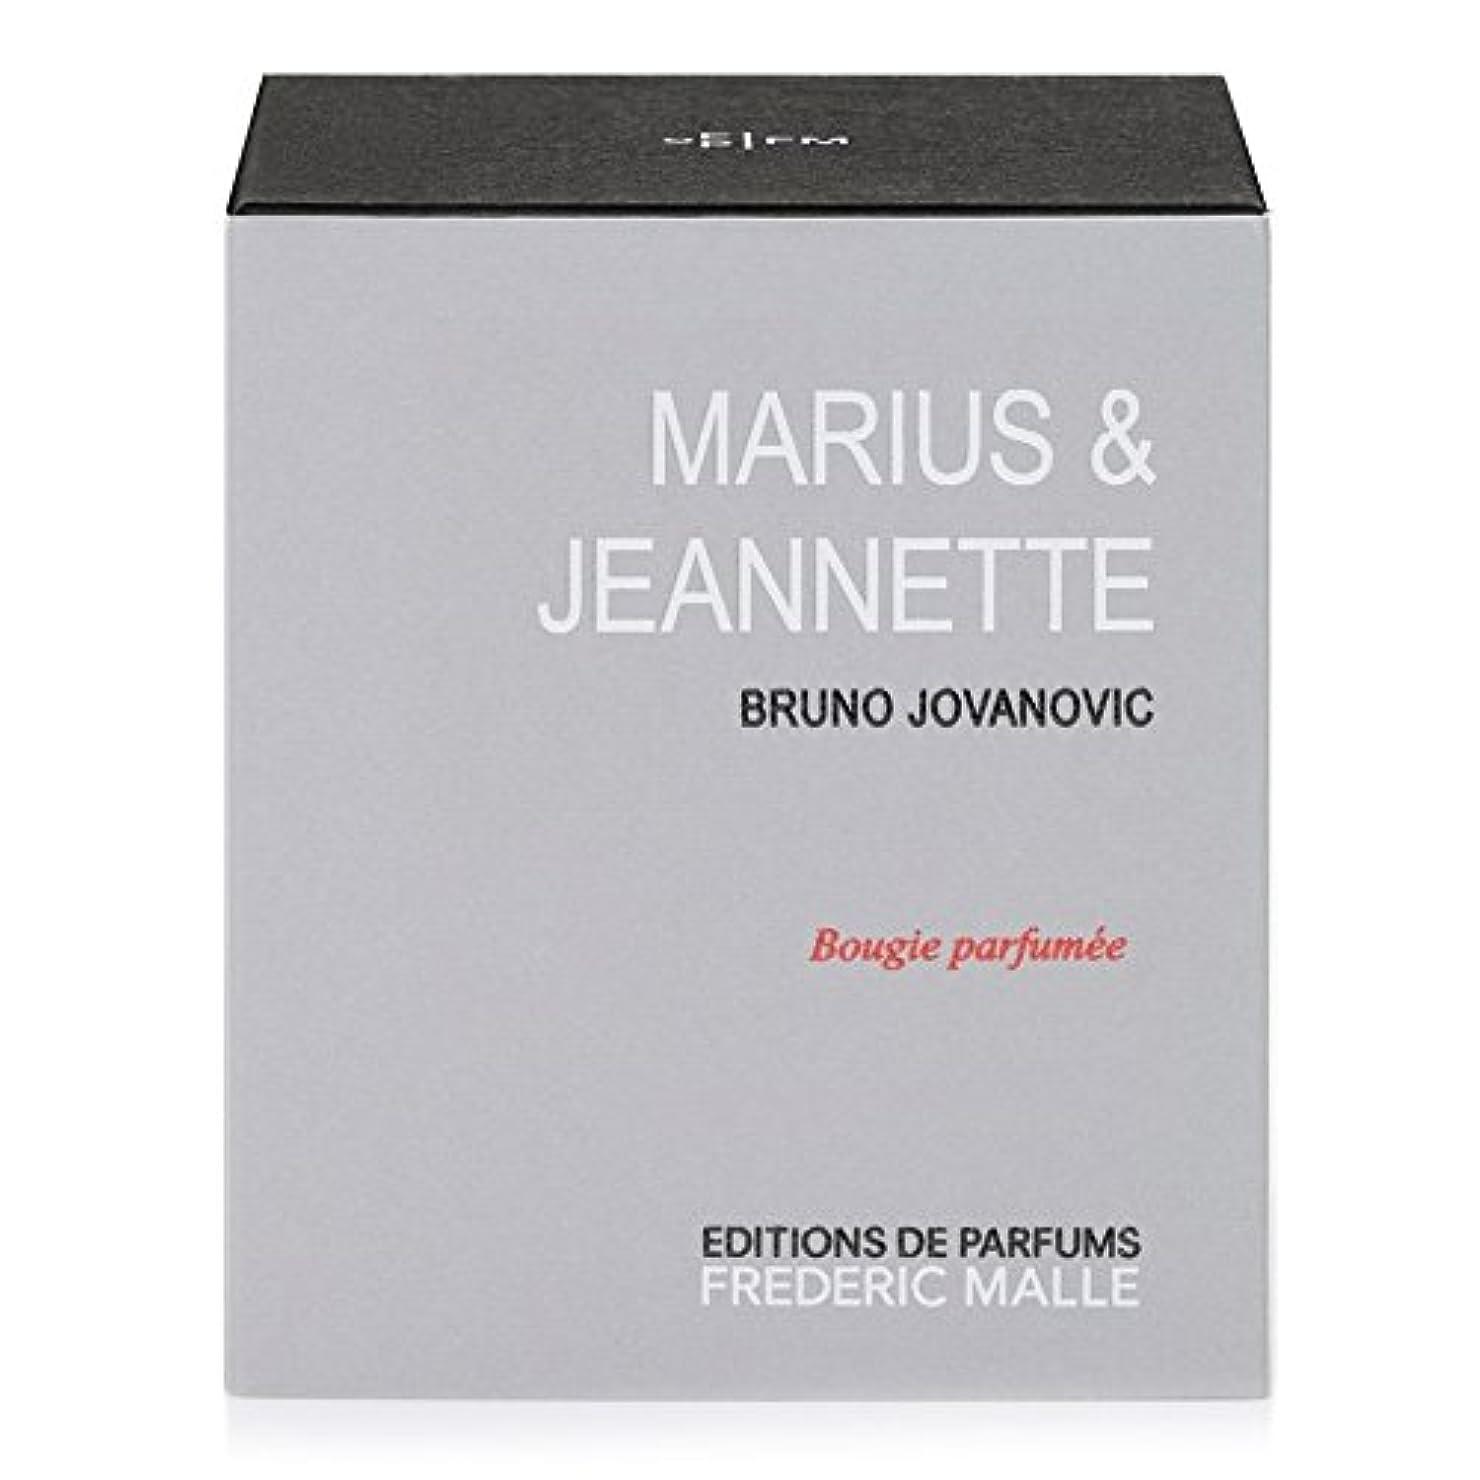 フルーツ器具角度フレデリック?マル とジャネット?香りのキャンドル x6 - Frederic Malle Maruis and Jeanette Scented Candle (Pack of 6) [並行輸入品]